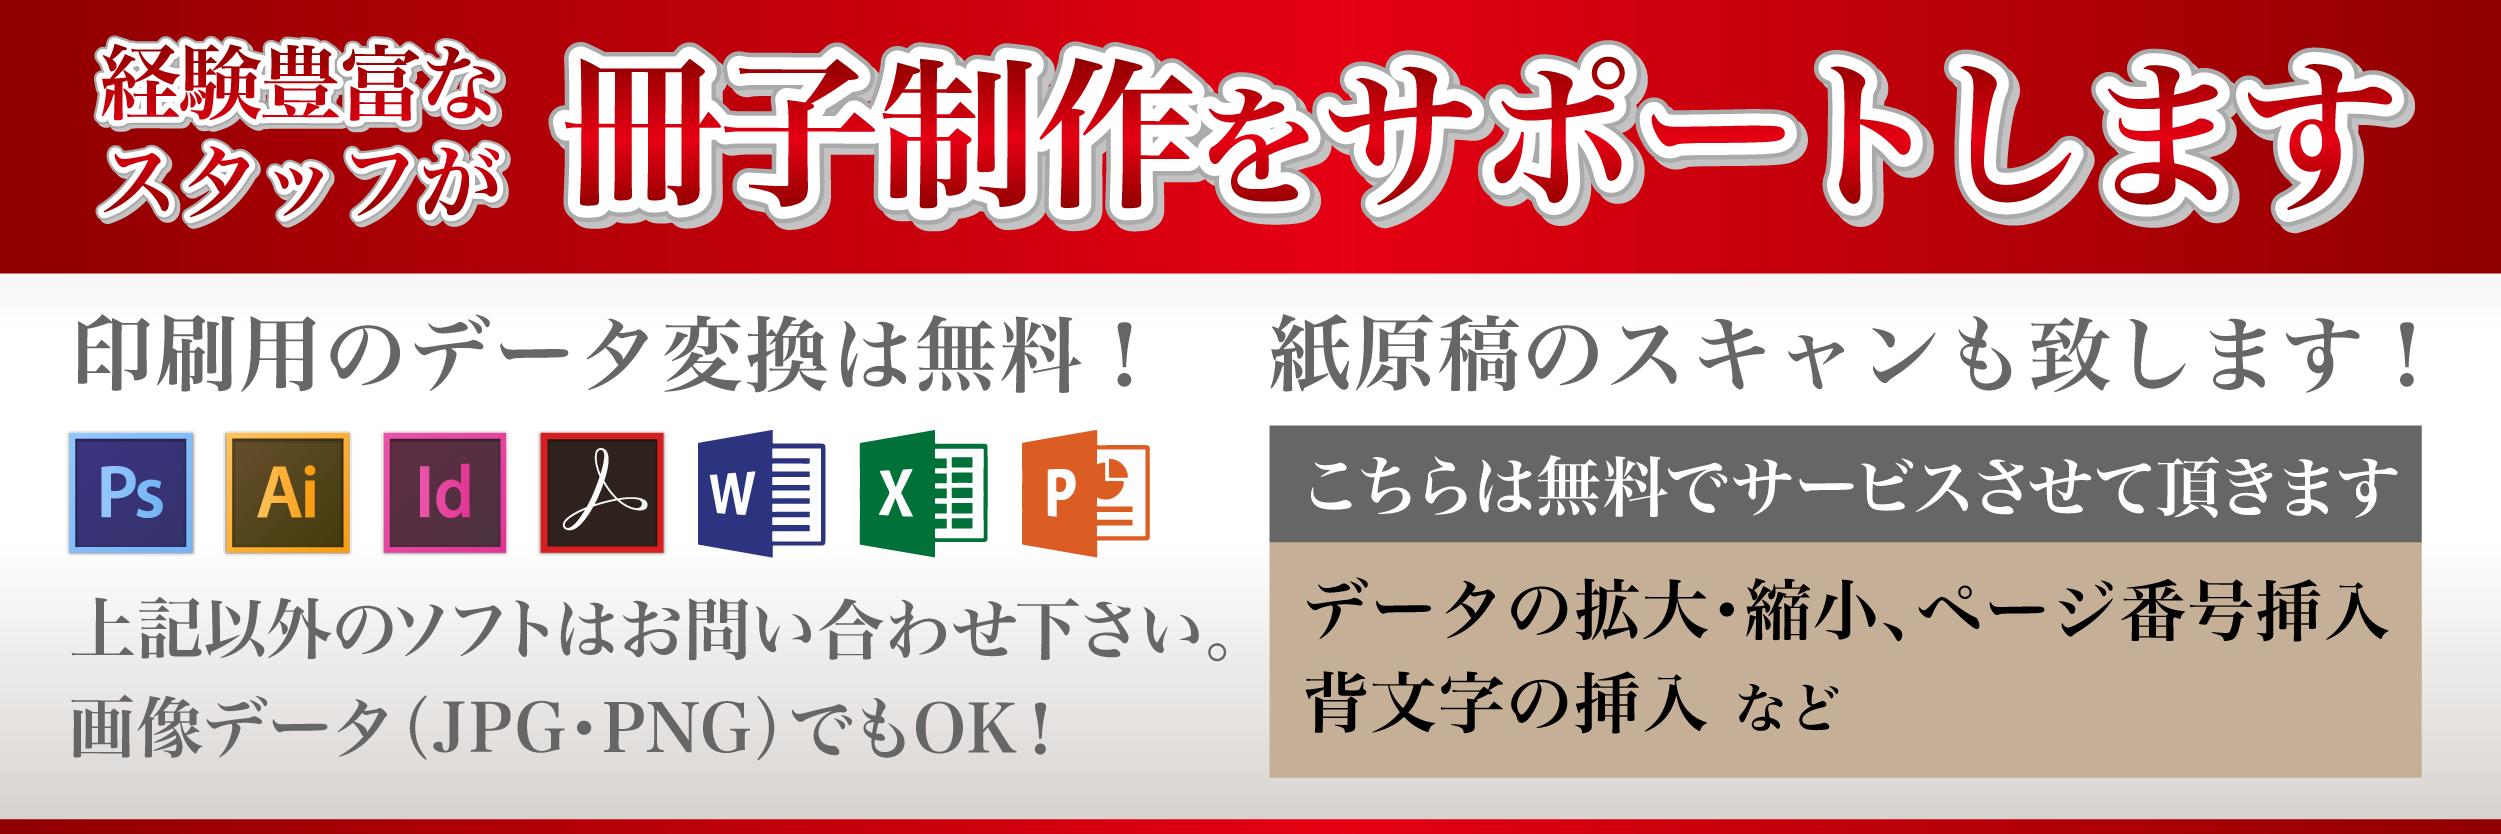 変換 一太郎 word